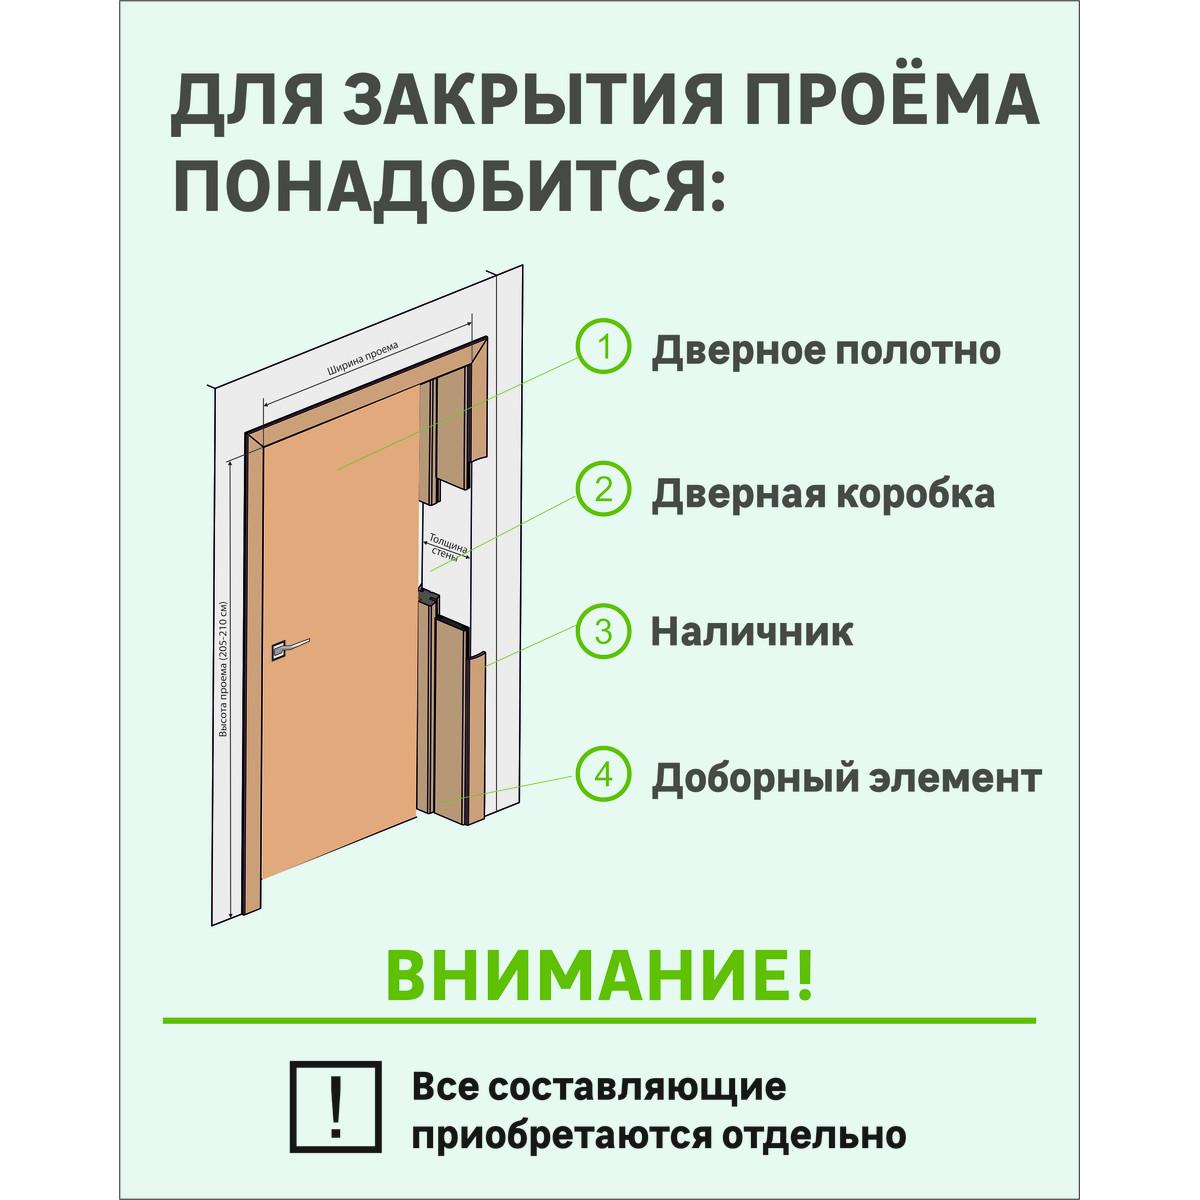 Дверь Межкомнатная Остеклённая Дельта Вертикальная 80x200 Пвх Цвет Ольха Золотая С Фурнитурой